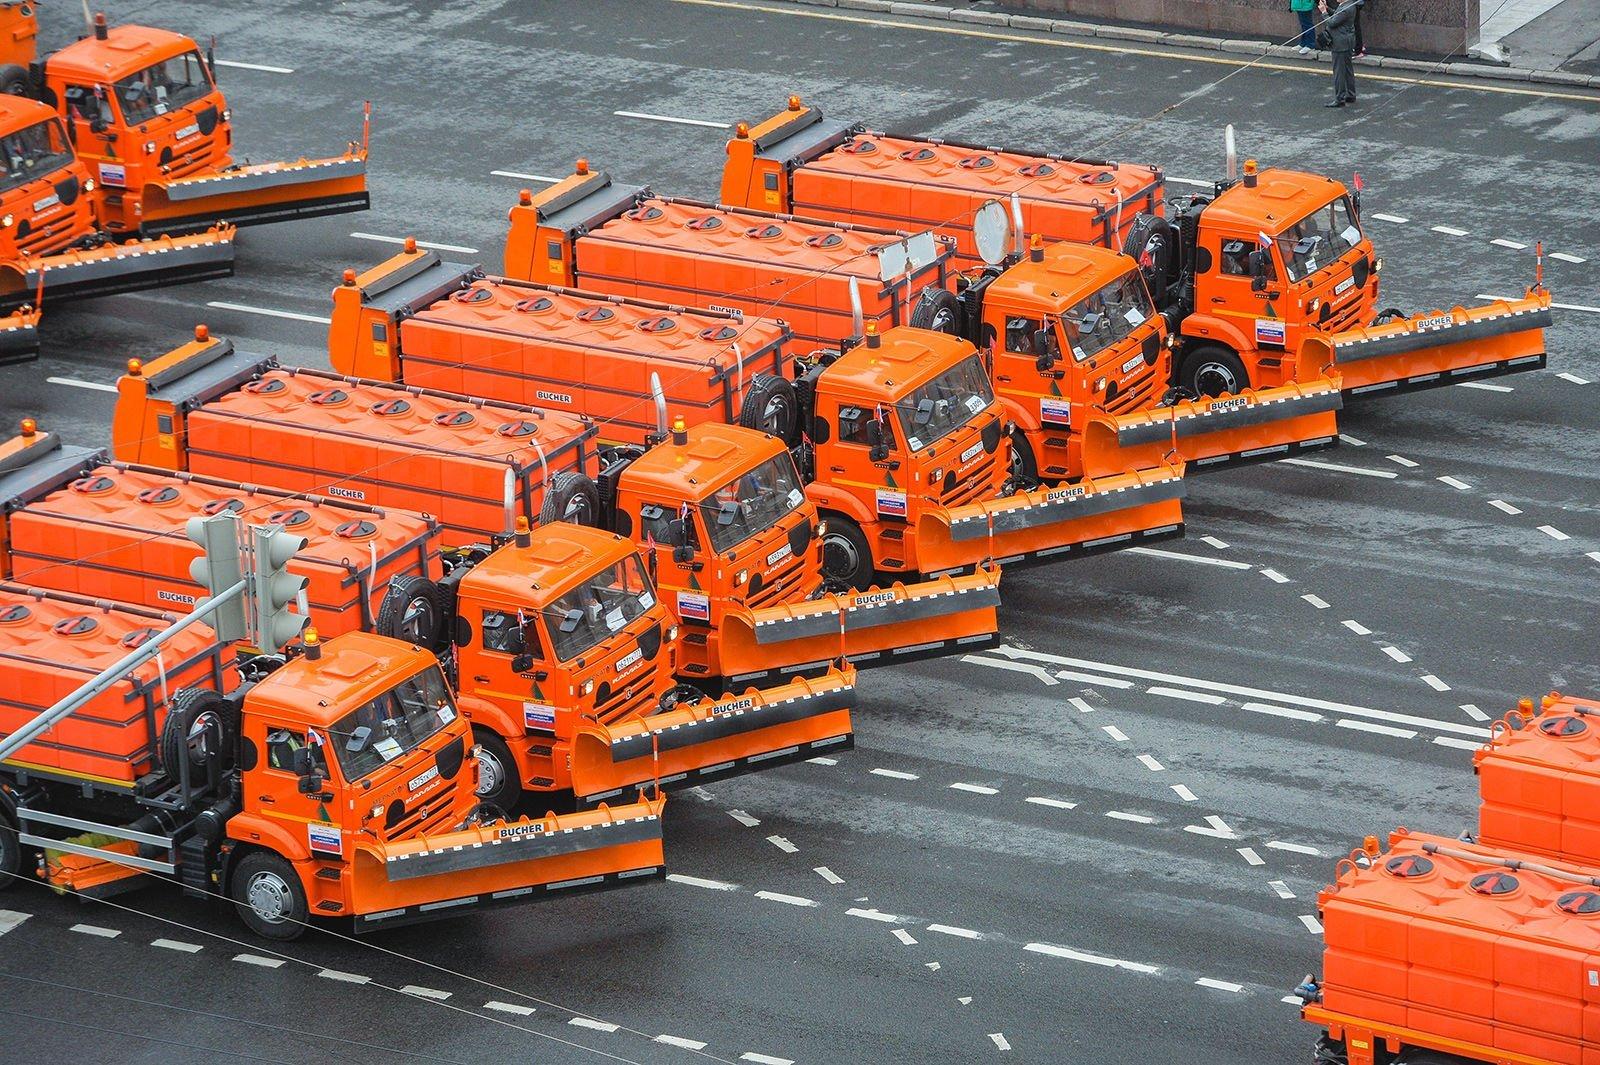 Собянин заявил о лидерстве Москвы по использованию дорожной техники